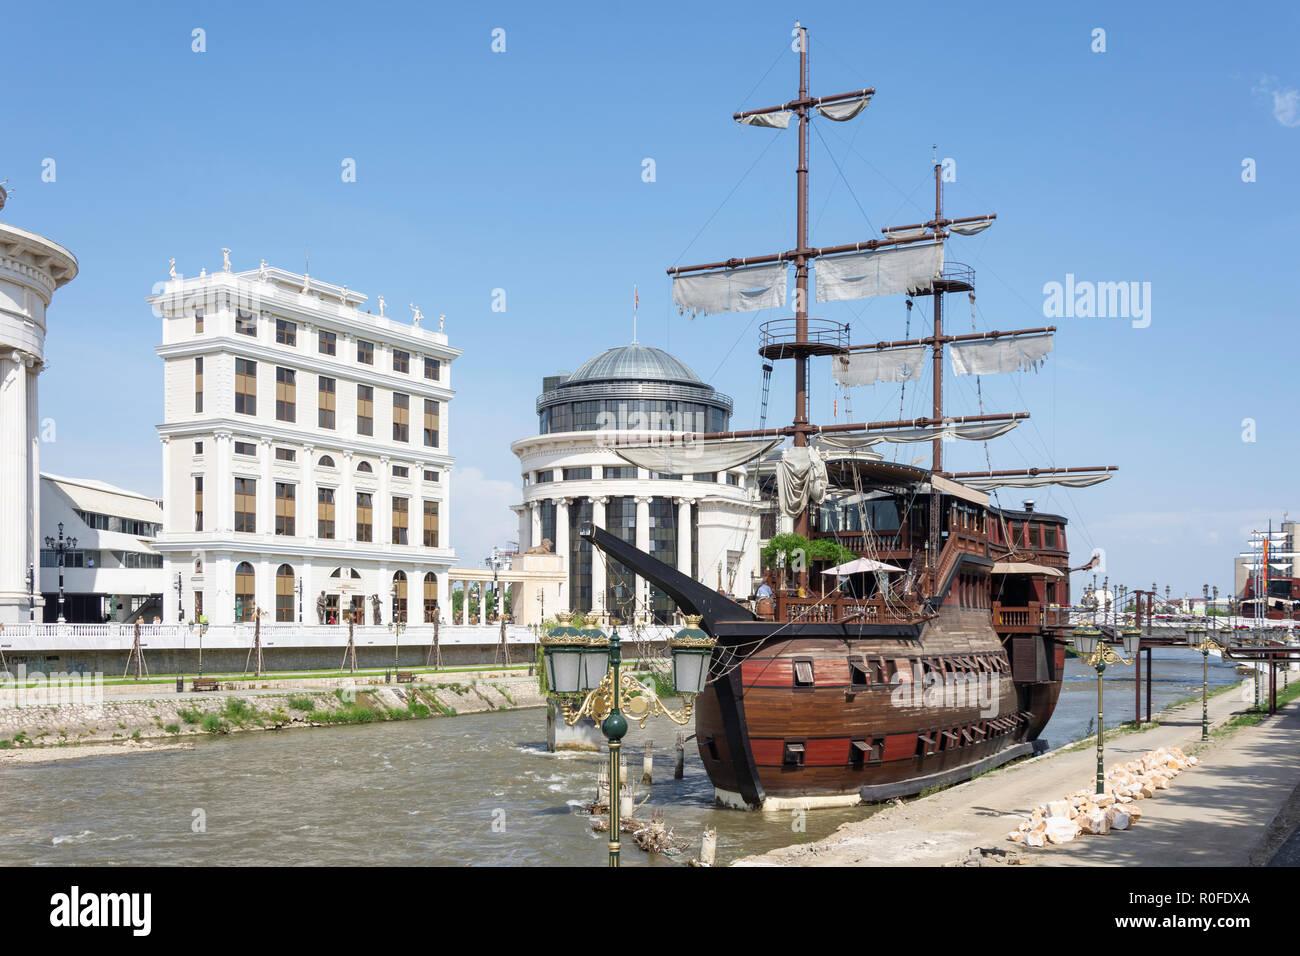 Ship Hotel Senigallia on banks of River Vardar, Skopje, Skopje Region, Republic of Macedonia - Stock Image